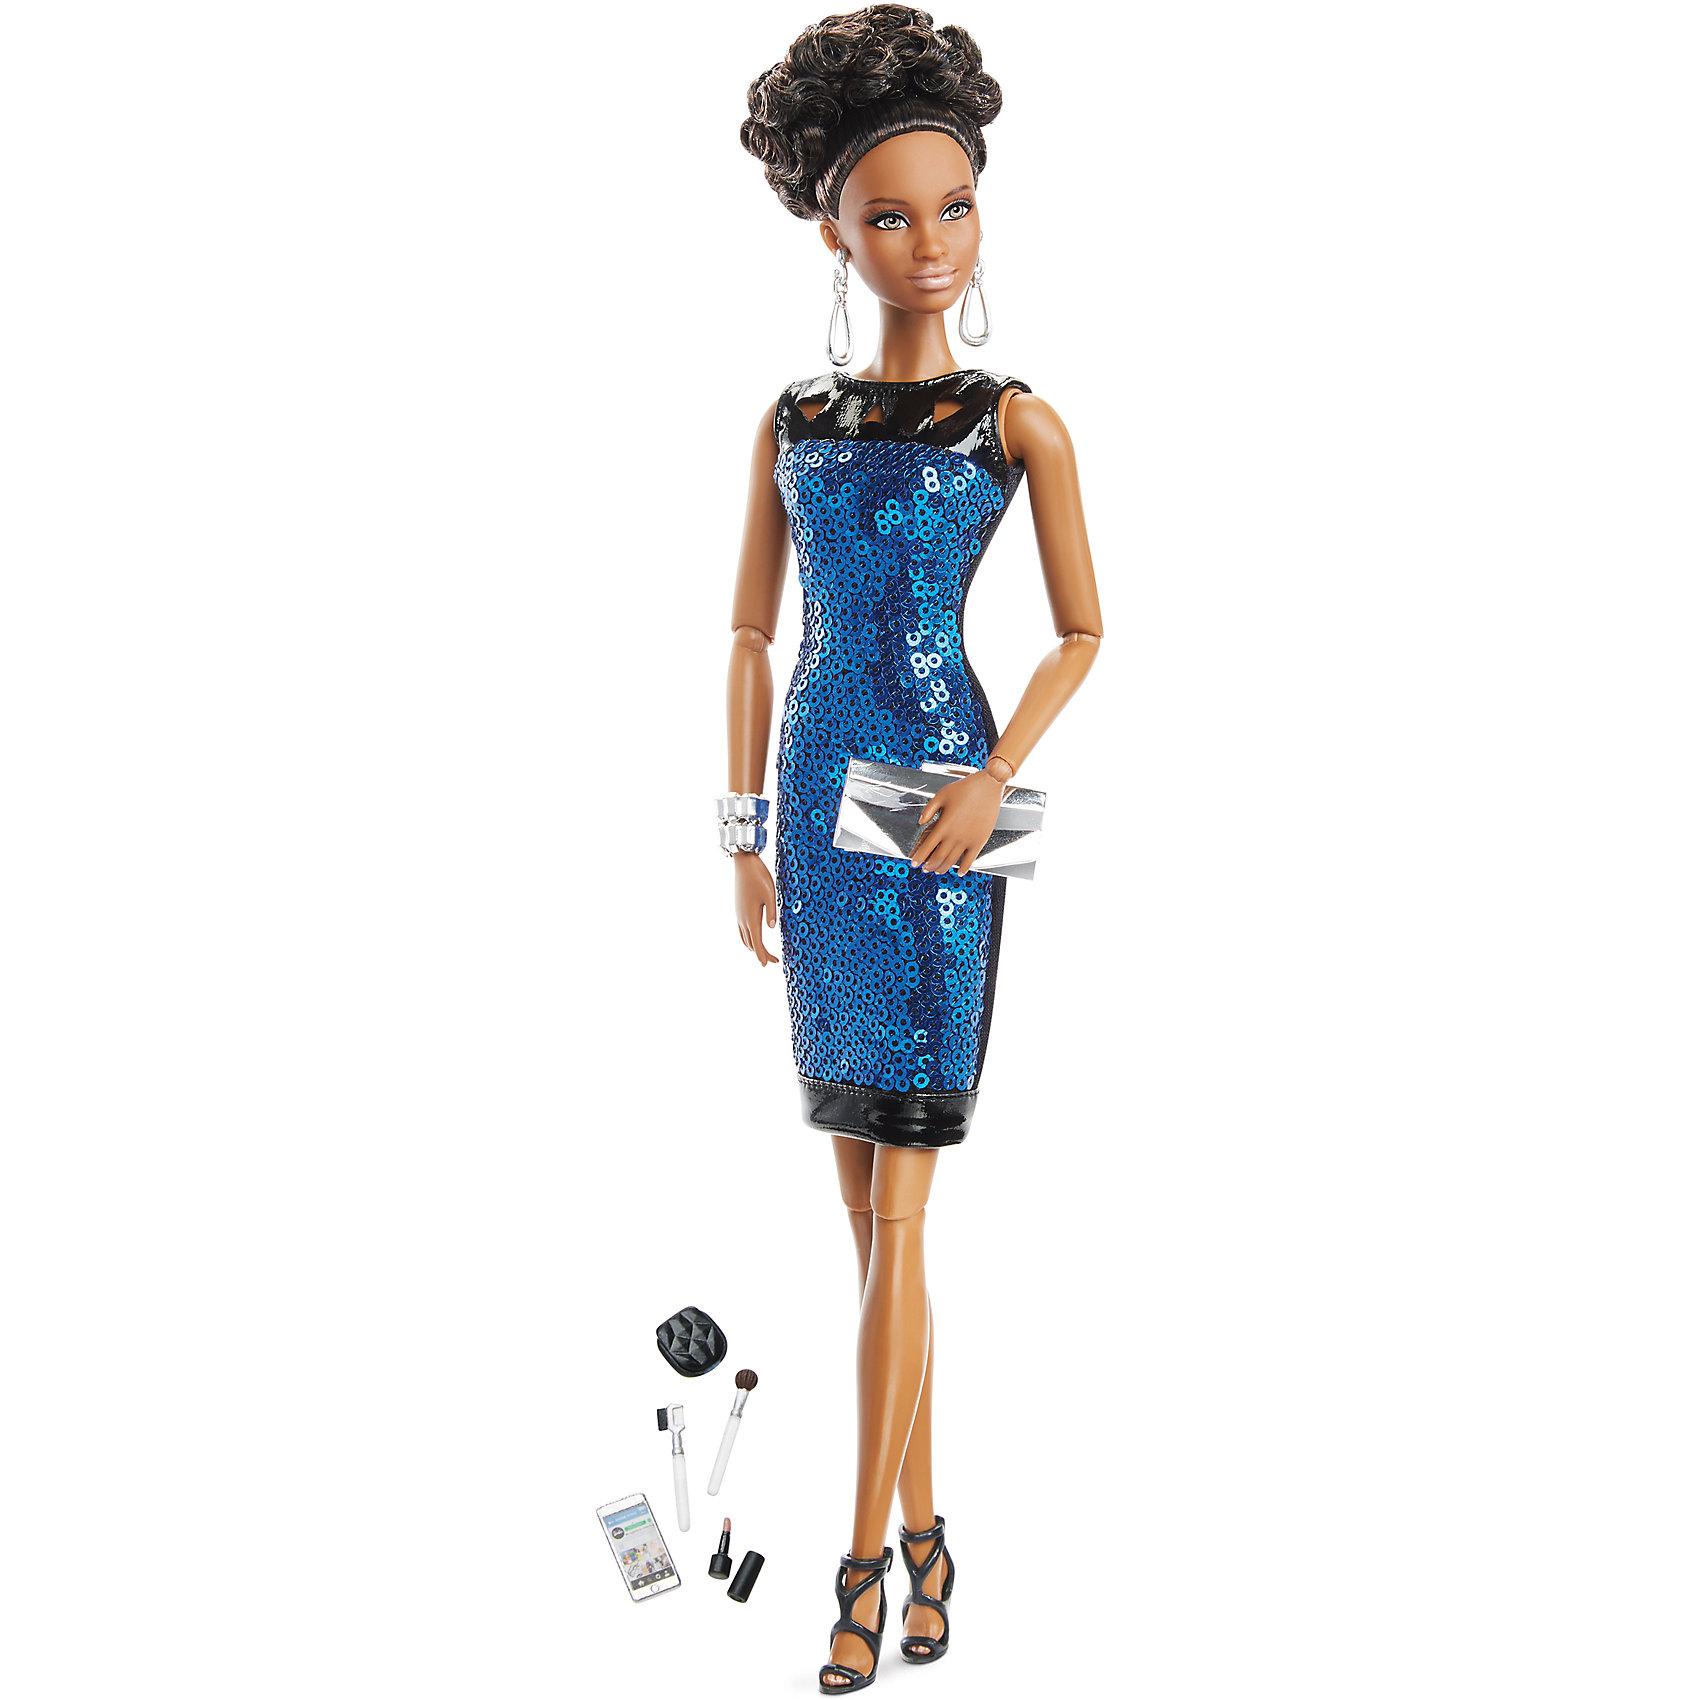 Коллекционная кукла Городской блеск, BarbieBarbie - стильная и знаменитая красавица, покорившая весь мир! В этой коллекции куклы одеты в наряды, понравившиеся наибольшему числу пользователей Instagram. Сегодня вечером наша модница приглашена на вечеринку. Ее наряд состоит из сине-черного обтягивающего платья, декорированного кожей и пайетками, на ногах стильные босоножки на высоком каблуке. Образ дополняют маленький клатч, массивный серебряный браслет и серьги. Волосы куклы собраны в изысканную высокую прическу. В запястьях, локтях и коленях игрушки находятся шарнирные механизмы, благодаря которым кукла может принимать очень реалистичные позы. <br><br>Дополнительная информация:<br><br>- Материал: пластик, текстиль.<br>- Размер куклы: 30 см.<br>- Голова, руки ноги подвижные. <br>- Комплектация: кукла в одежде и обуви, аксессуары (сумочка, косметичка, косметика).<br><br>Коллекционную куклу Городской блеск Barbie (Барби), можно купить в нашем магазине.<br><br>Ширина мм: 200<br>Глубина мм: 280<br>Высота мм: 355<br>Вес г: 464<br>Возраст от месяцев: 36<br>Возраст до месяцев: 72<br>Пол: Женский<br>Возраст: Детский<br>SKU: 4616972